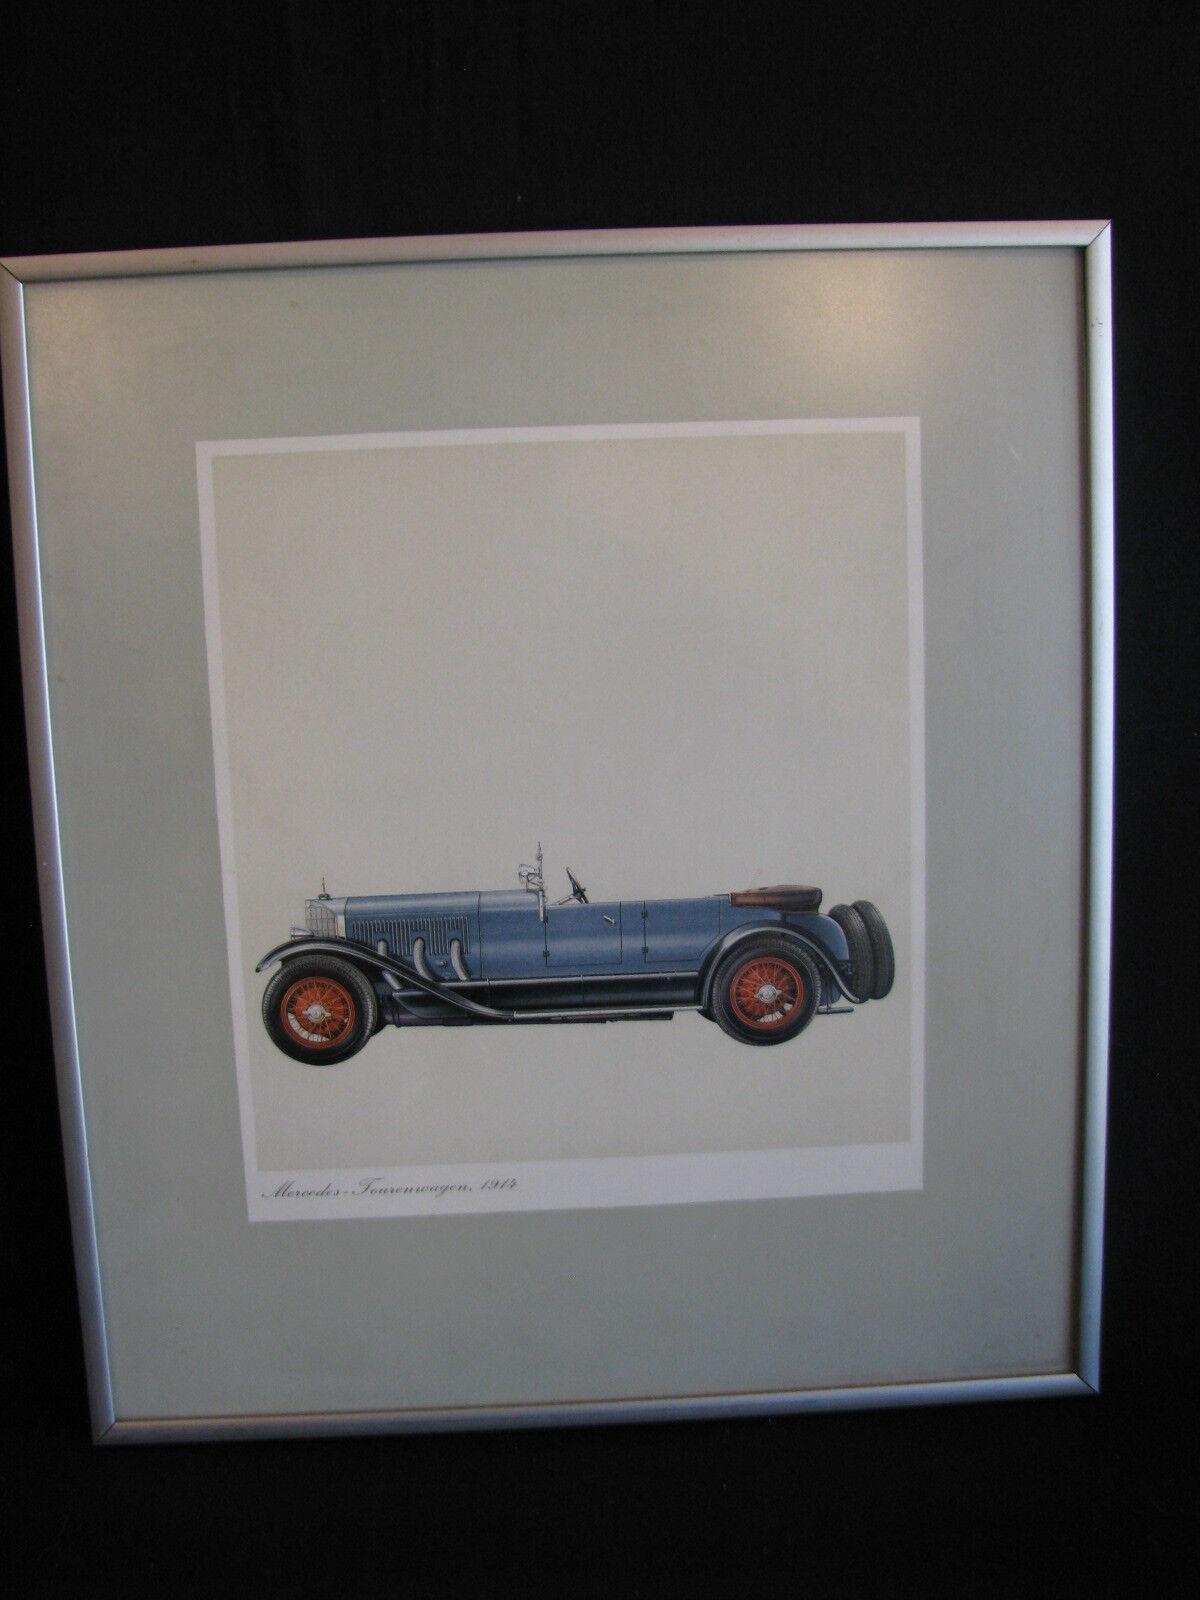 Litho in frame, Mercedes Tourenwagen 1914 (JS)